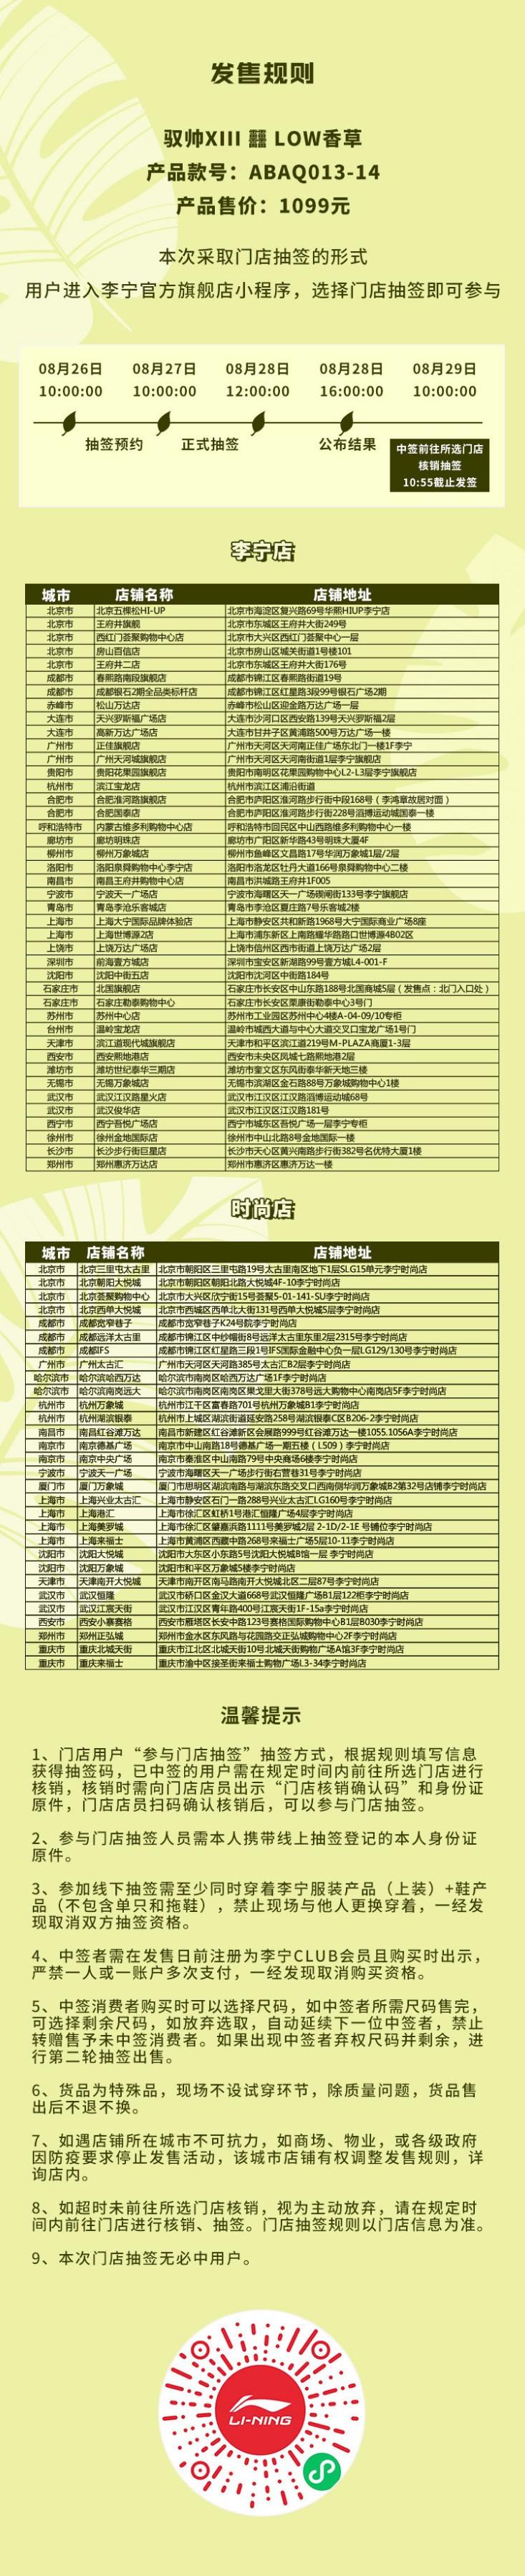 驭帅13,驭帅XIII 䨻 Low,香草配色,ABAQ013  全掌䨻 + 大碳板!定价 1099 的「驭帅 13 䨻」本周发售!